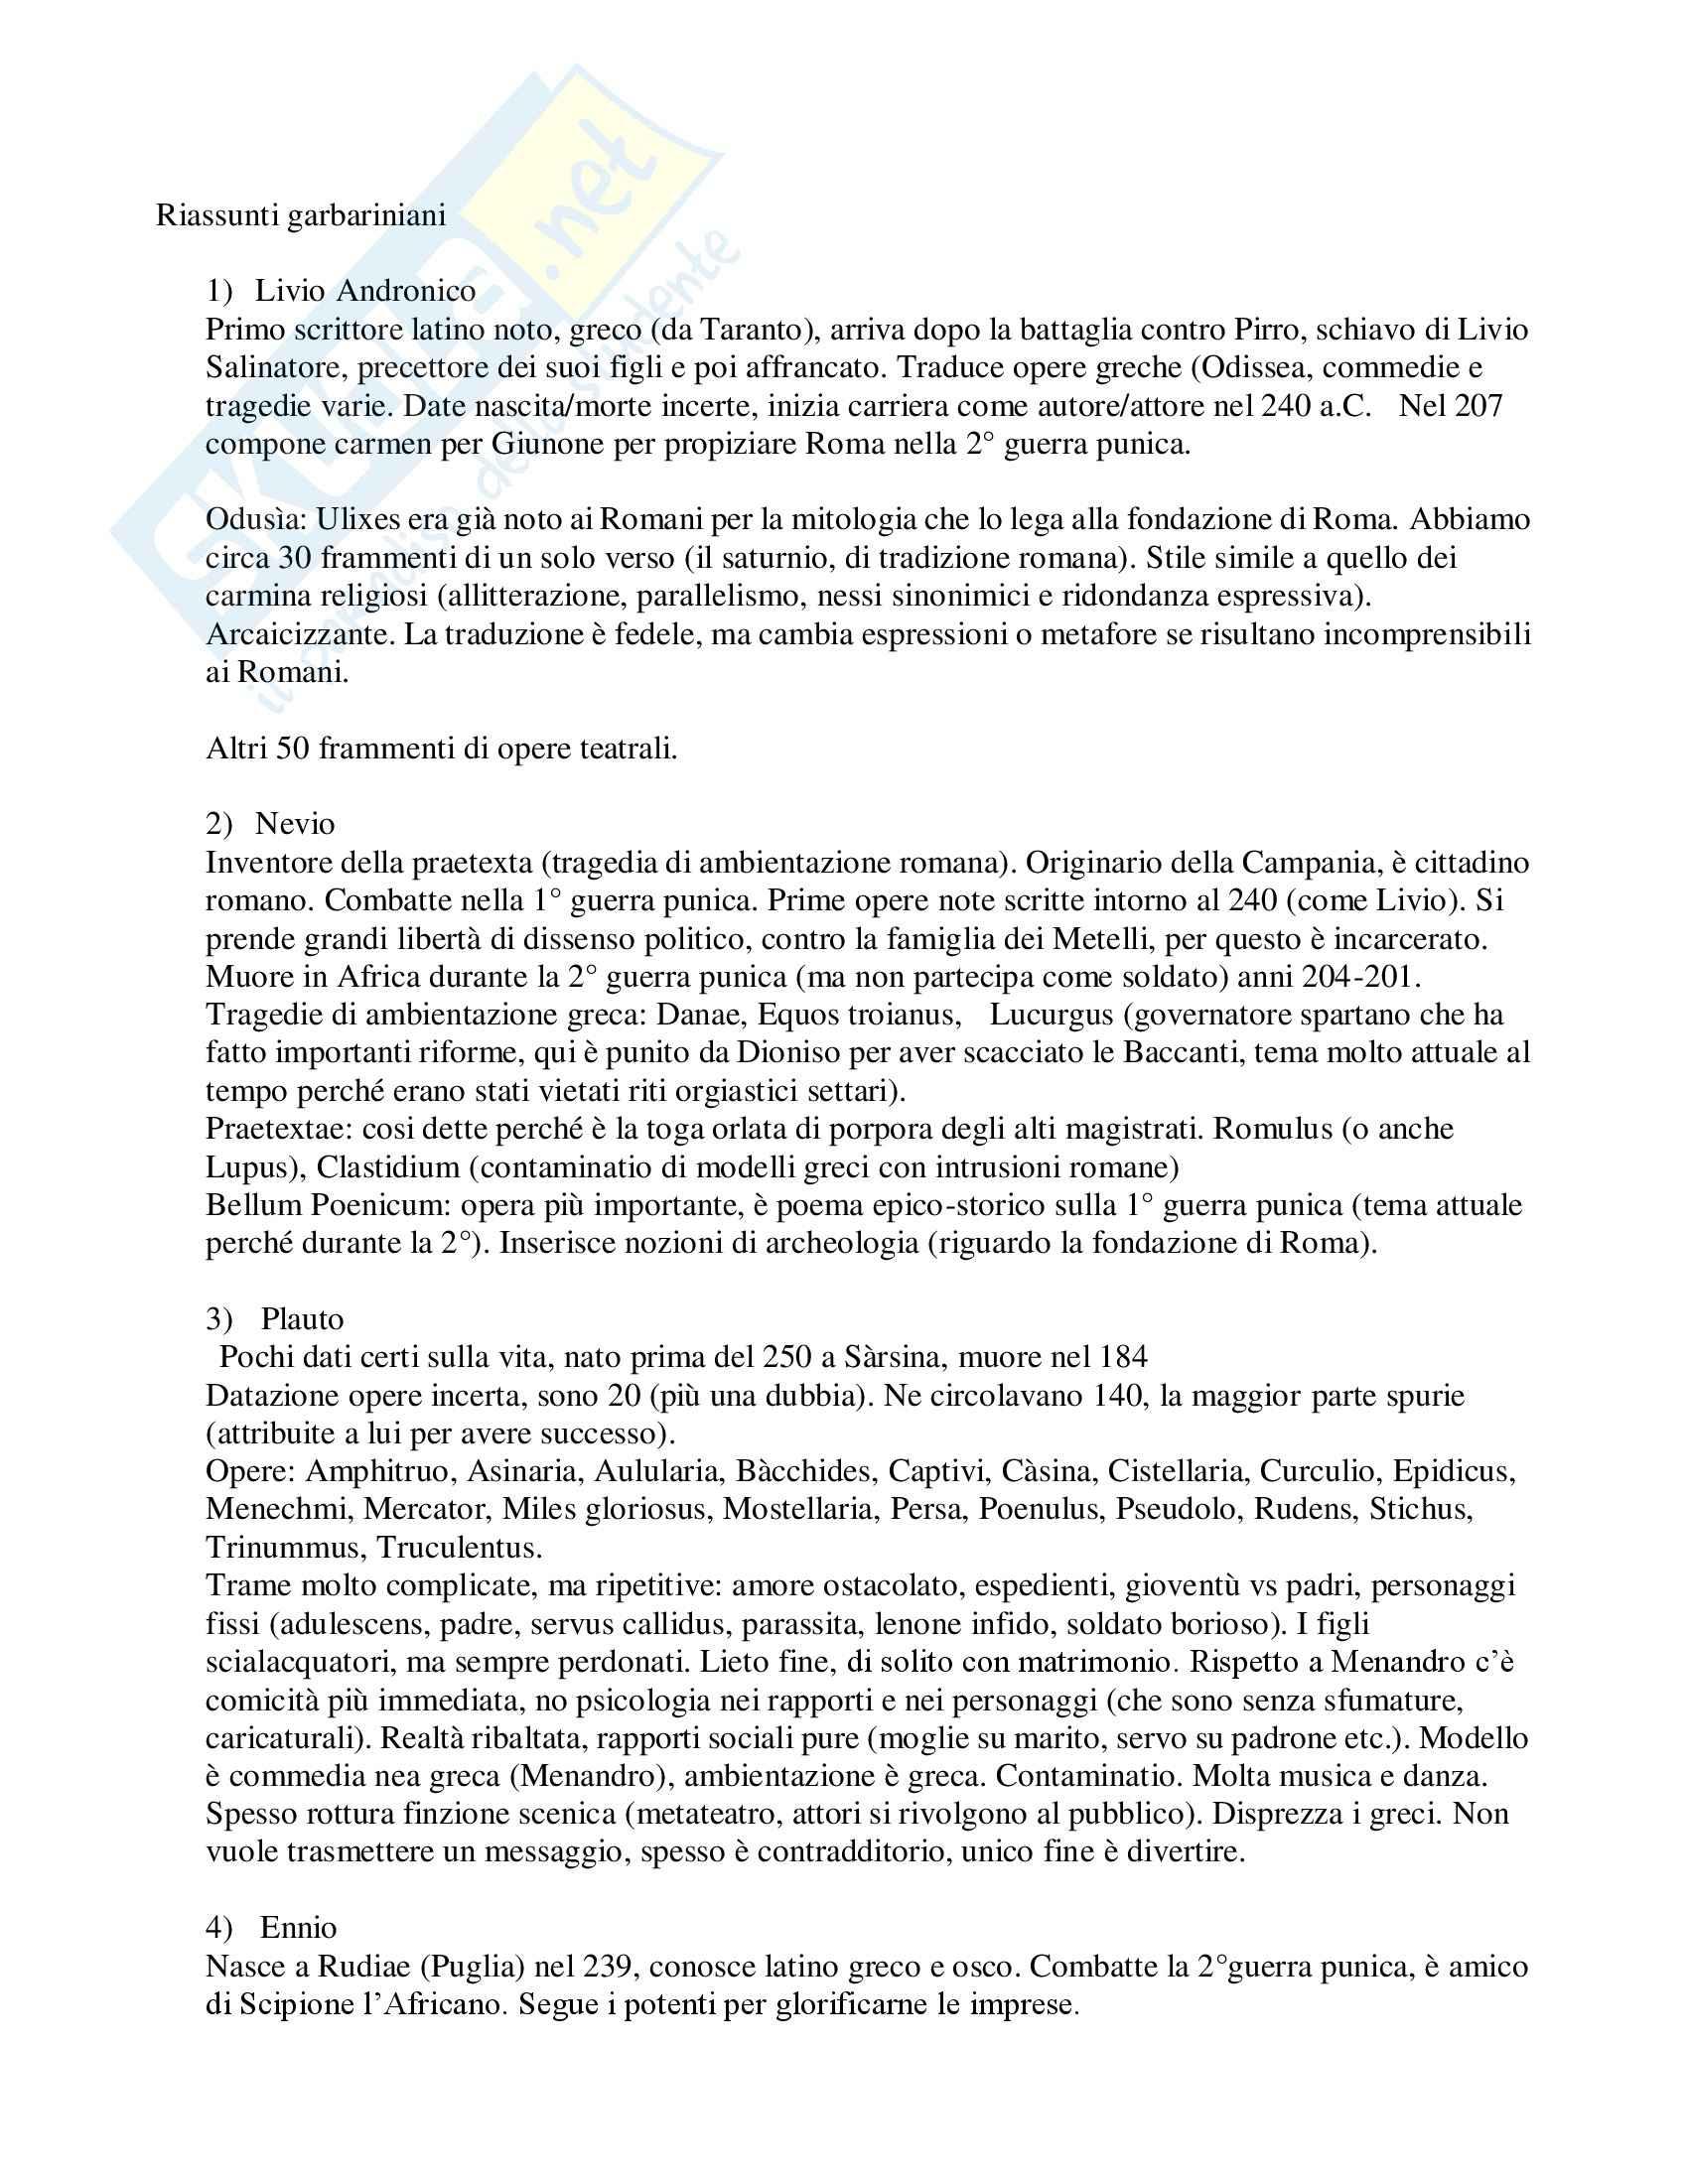 Letteratura latina - Schemi